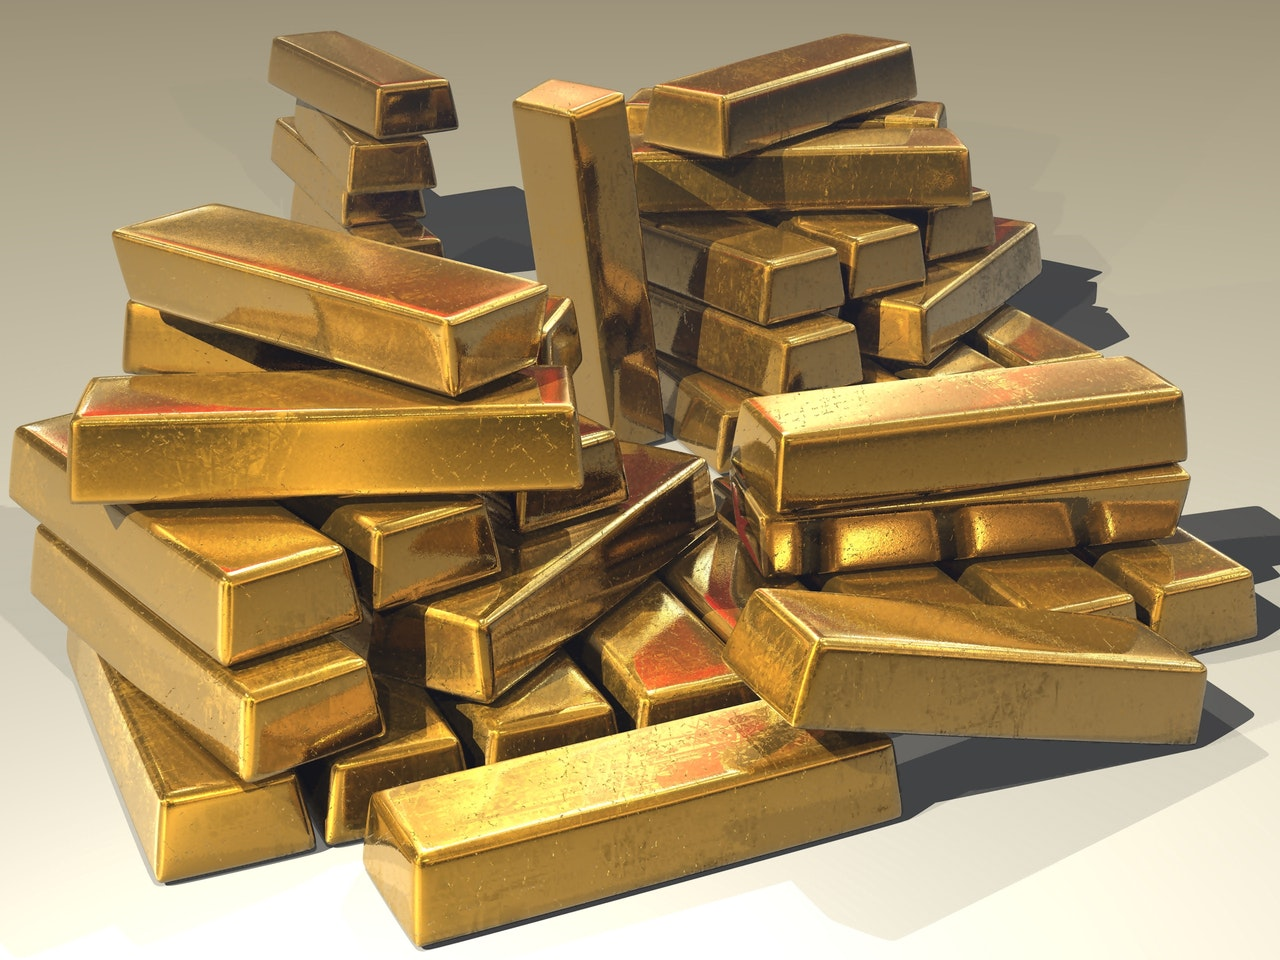 Gold Bullion Bars - Marcus Briggs